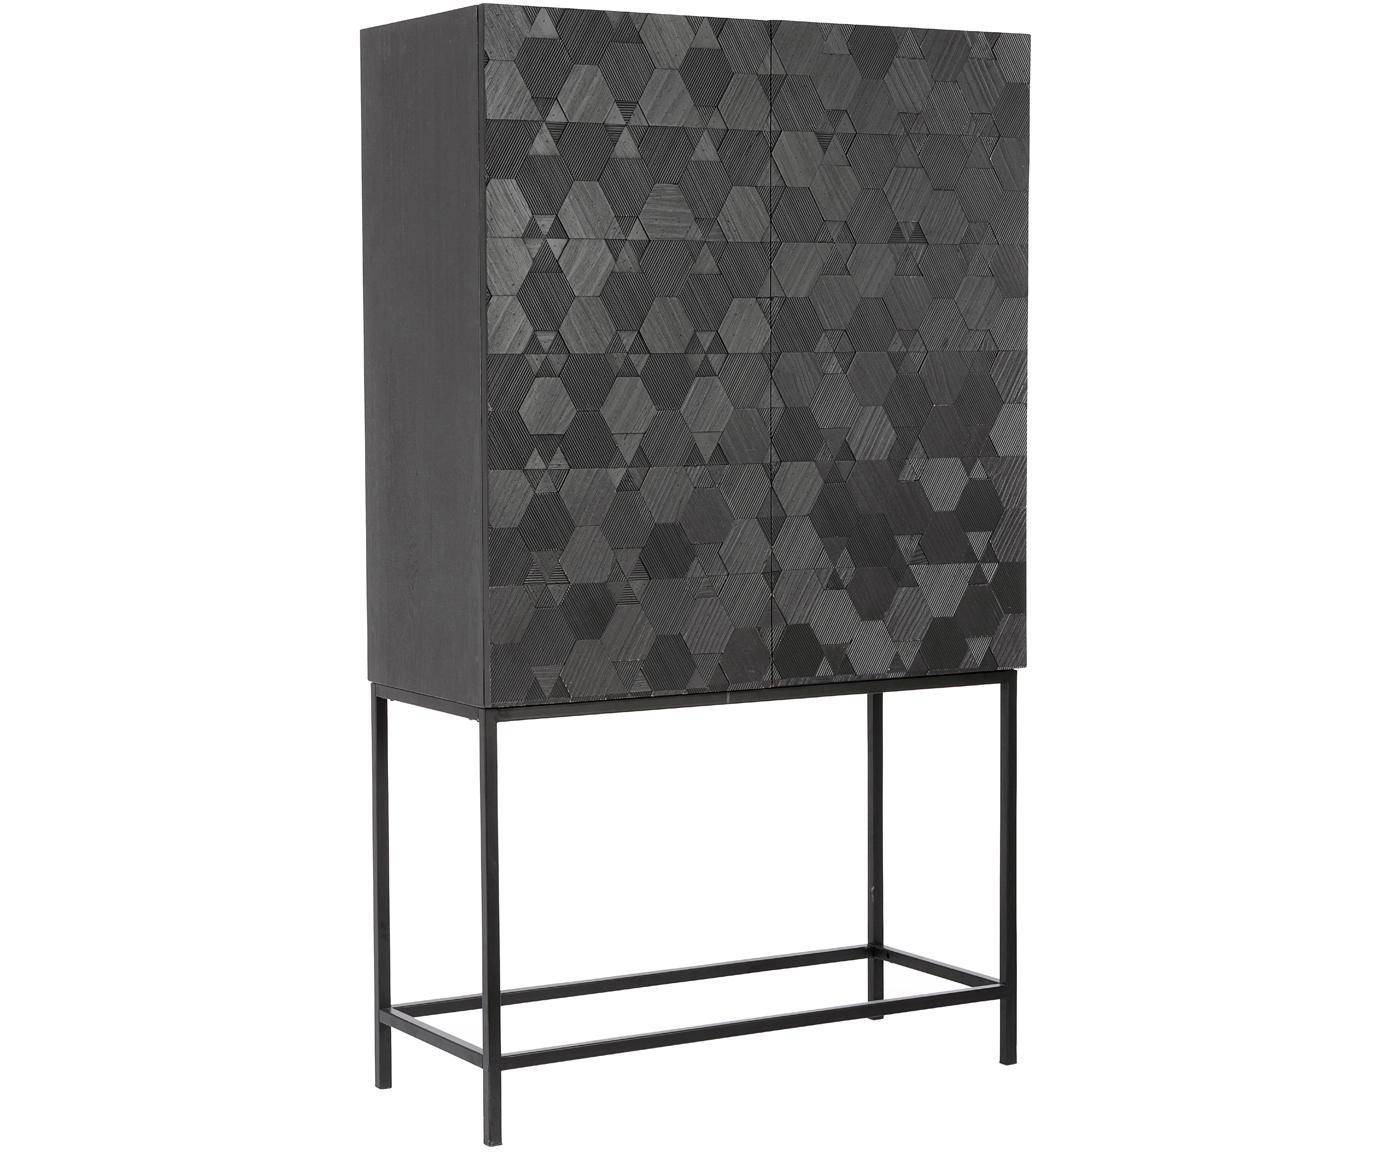 Chiffonier Aulialia, Estructura: madera de fresno, tablero, Patas: acero, Multicolor, An 90 x Al 155 cm